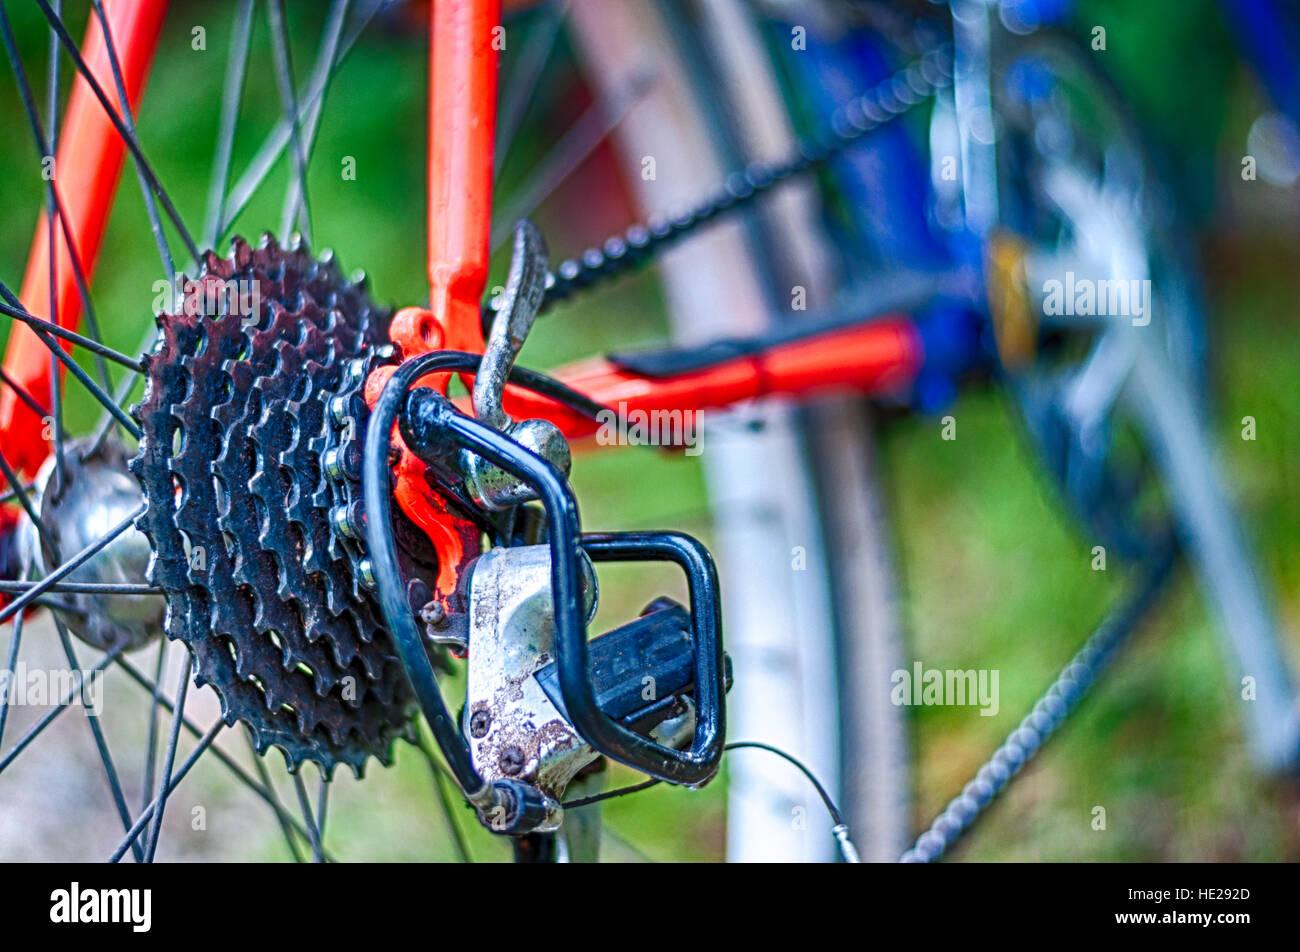 Nahaufnahme von Mountainbike in der Mitte des Landes Stockfoto